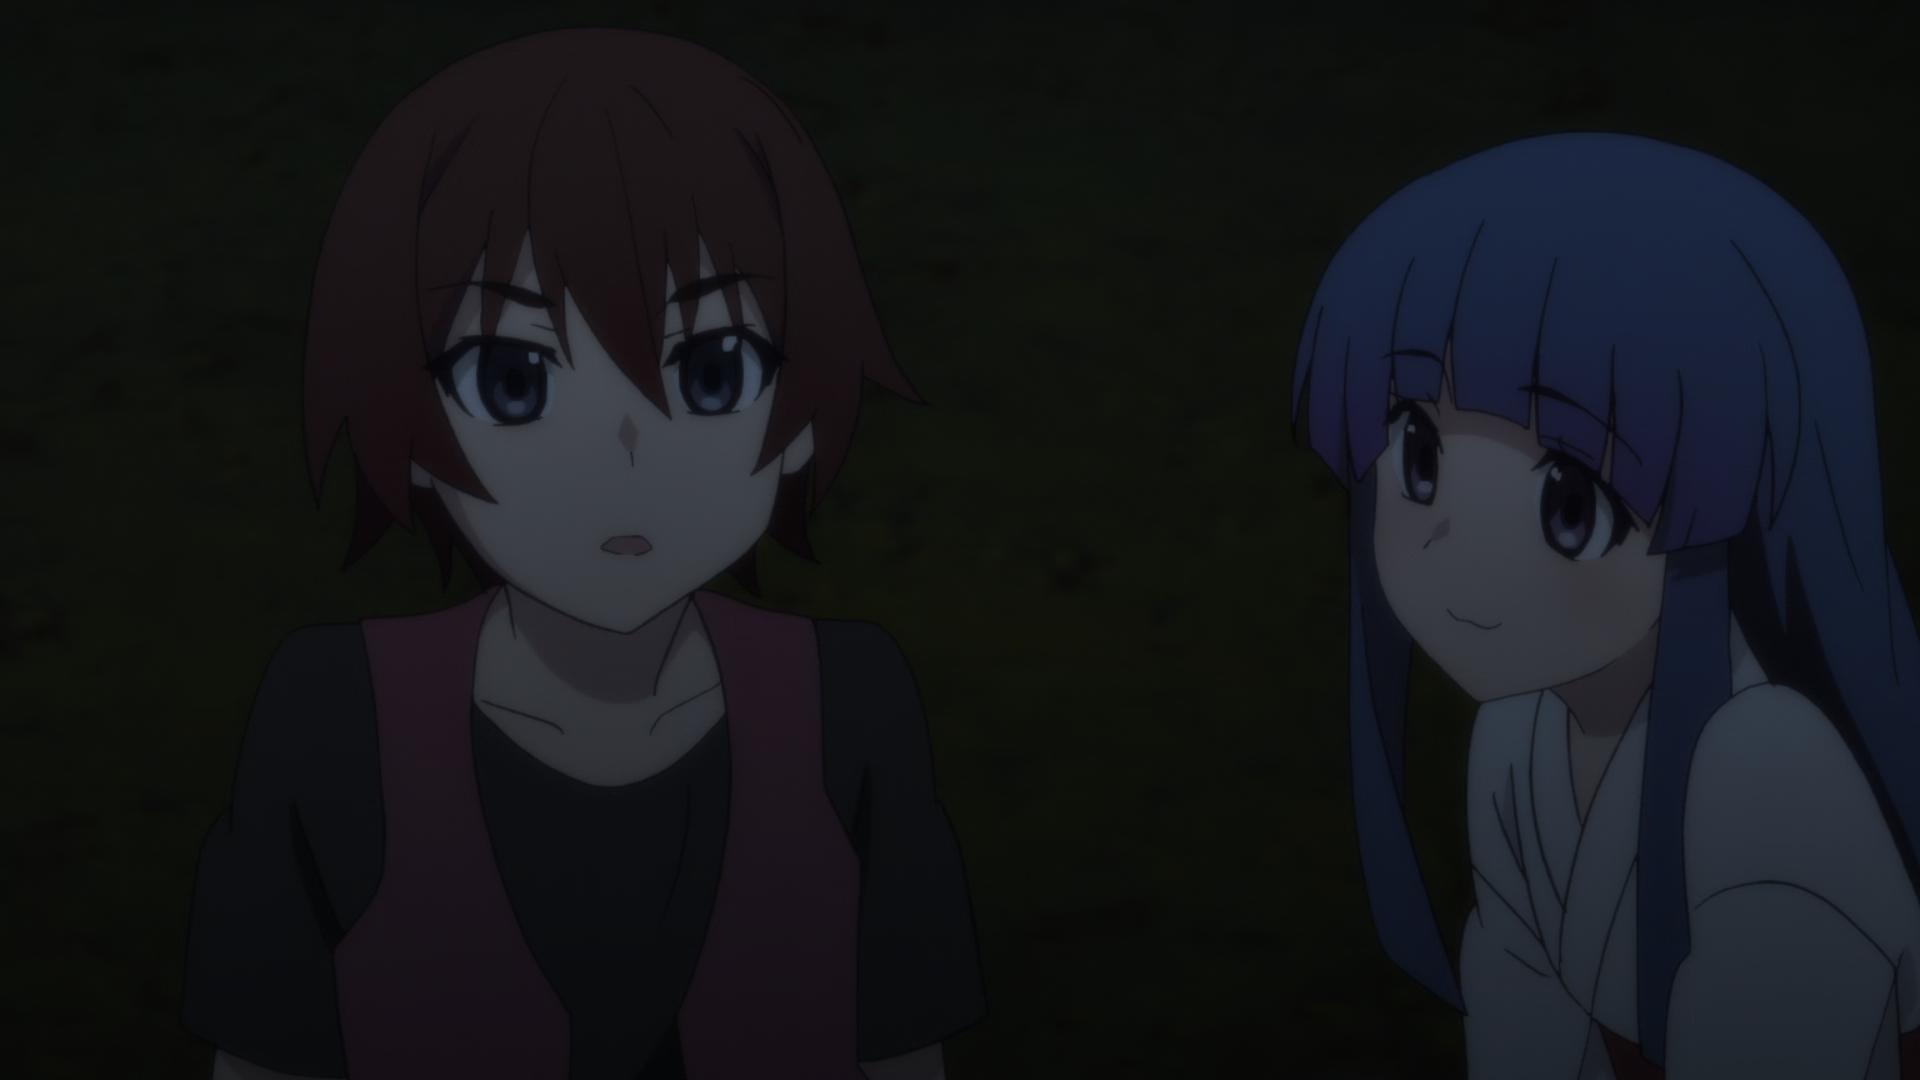 [Anime Time] Higurashi No Naku Koro Ni (2020) - 09 [1080p